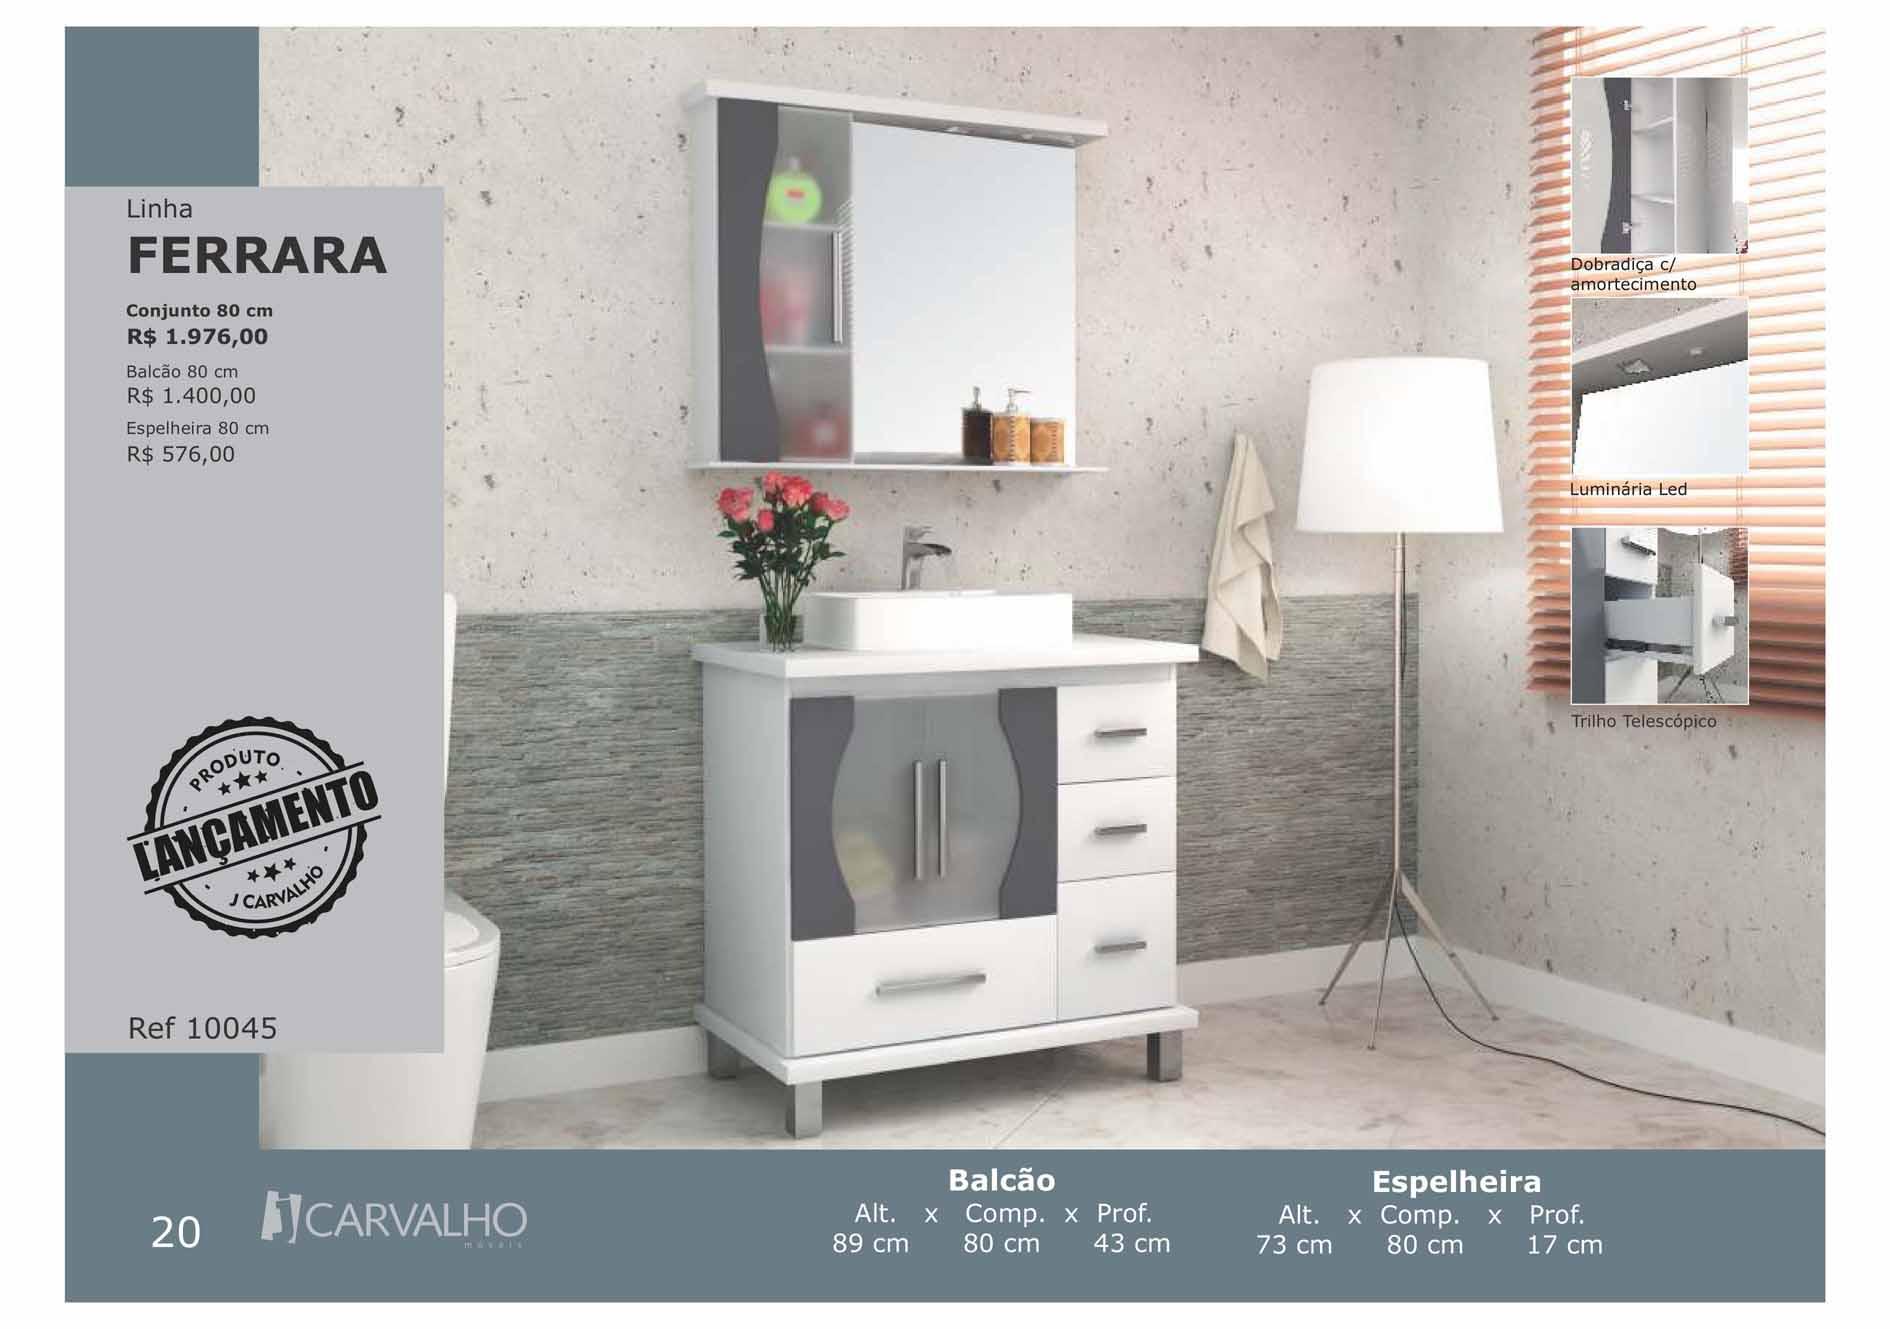 Ferrara – Ref 10045